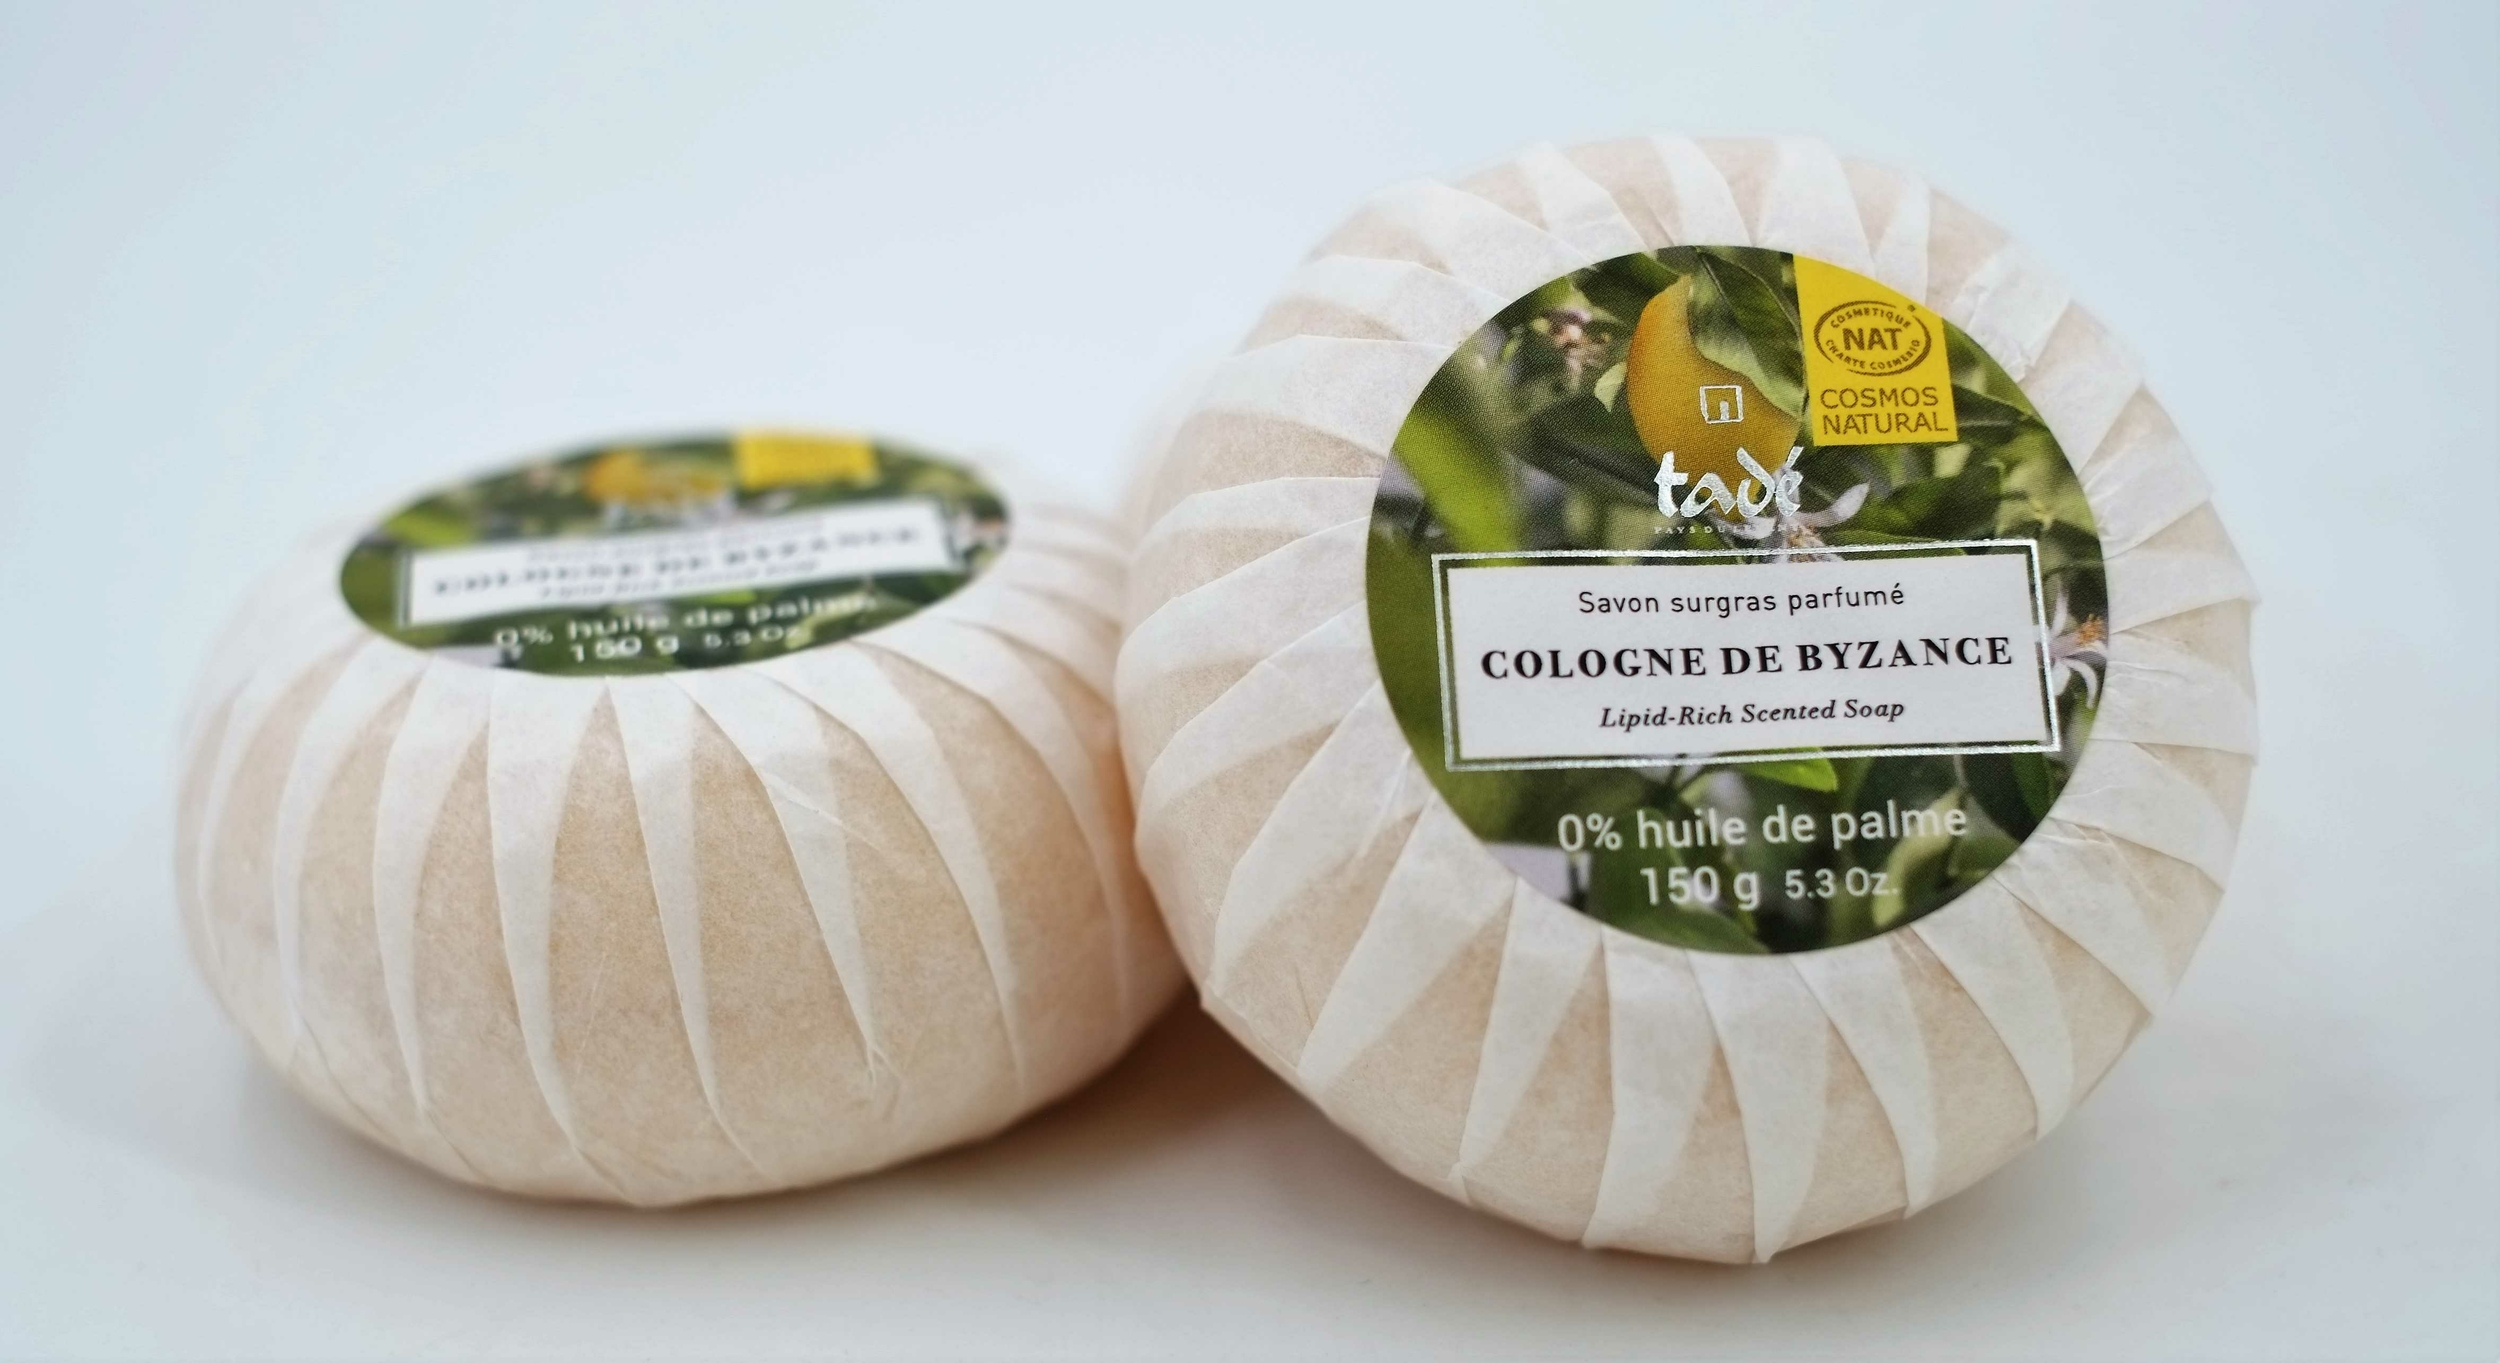 Savon surgras parfumé Cologne de Byzance